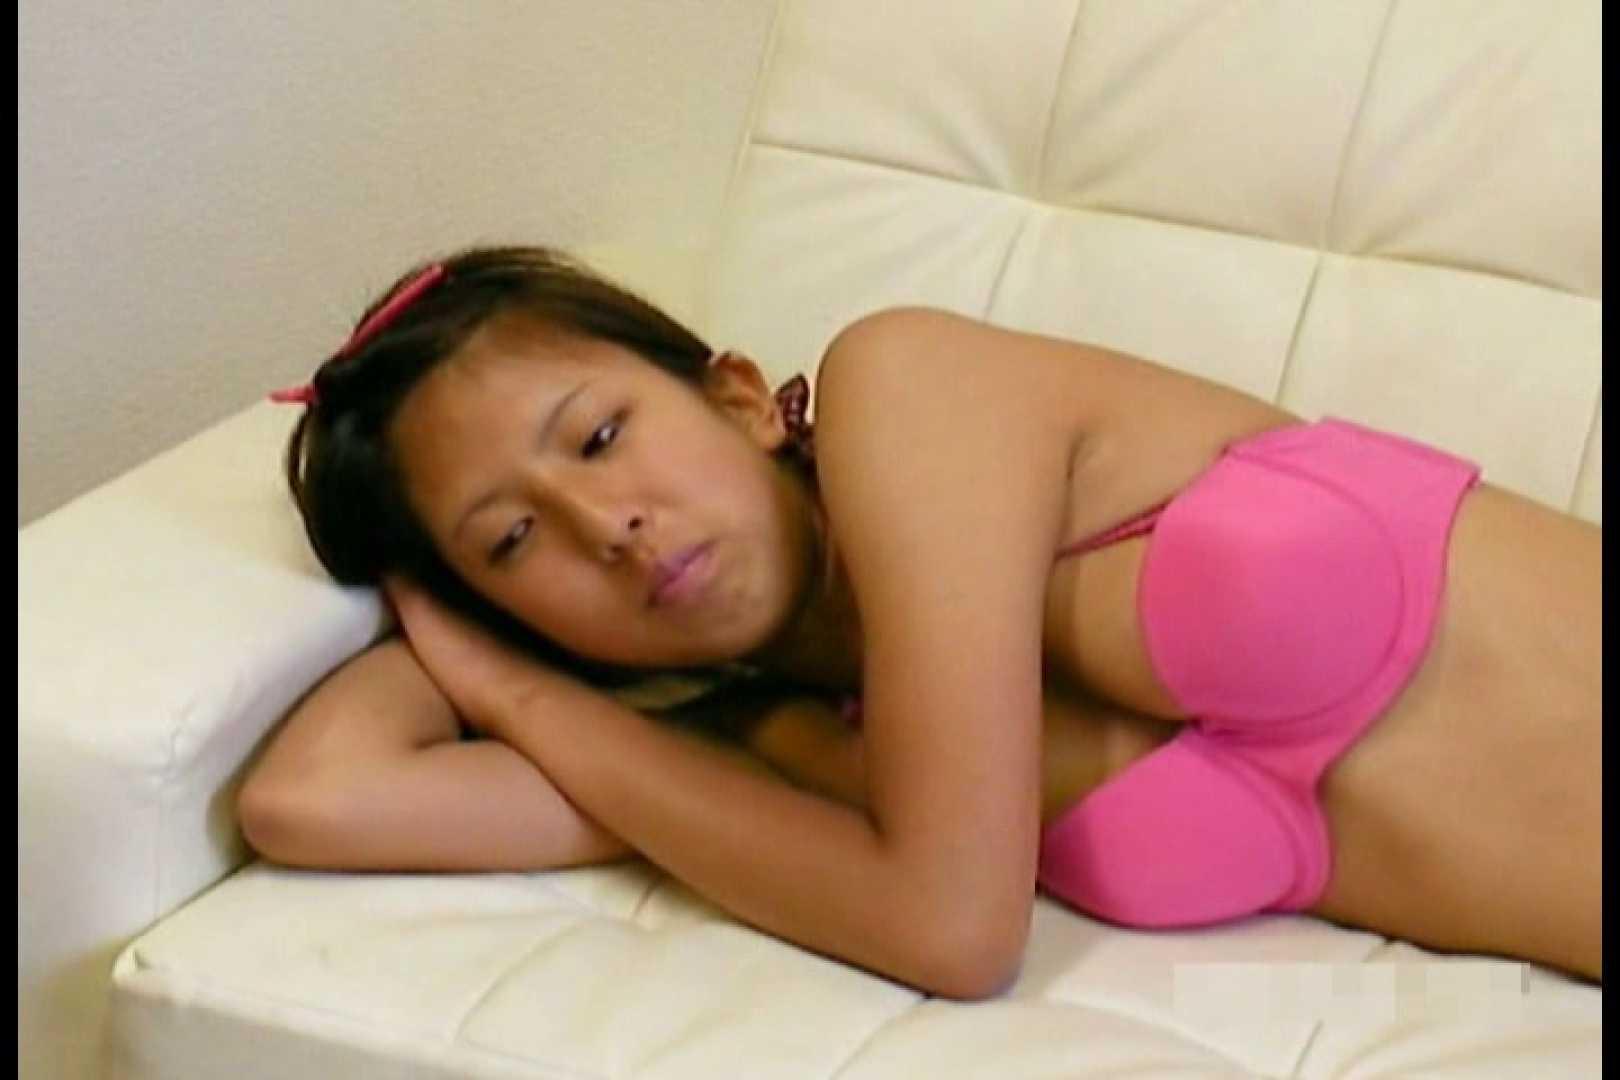 素人撮影 下着だけの撮影のはずが・・・エミちゃん18歳 隠撮   盗撮  107pic 55